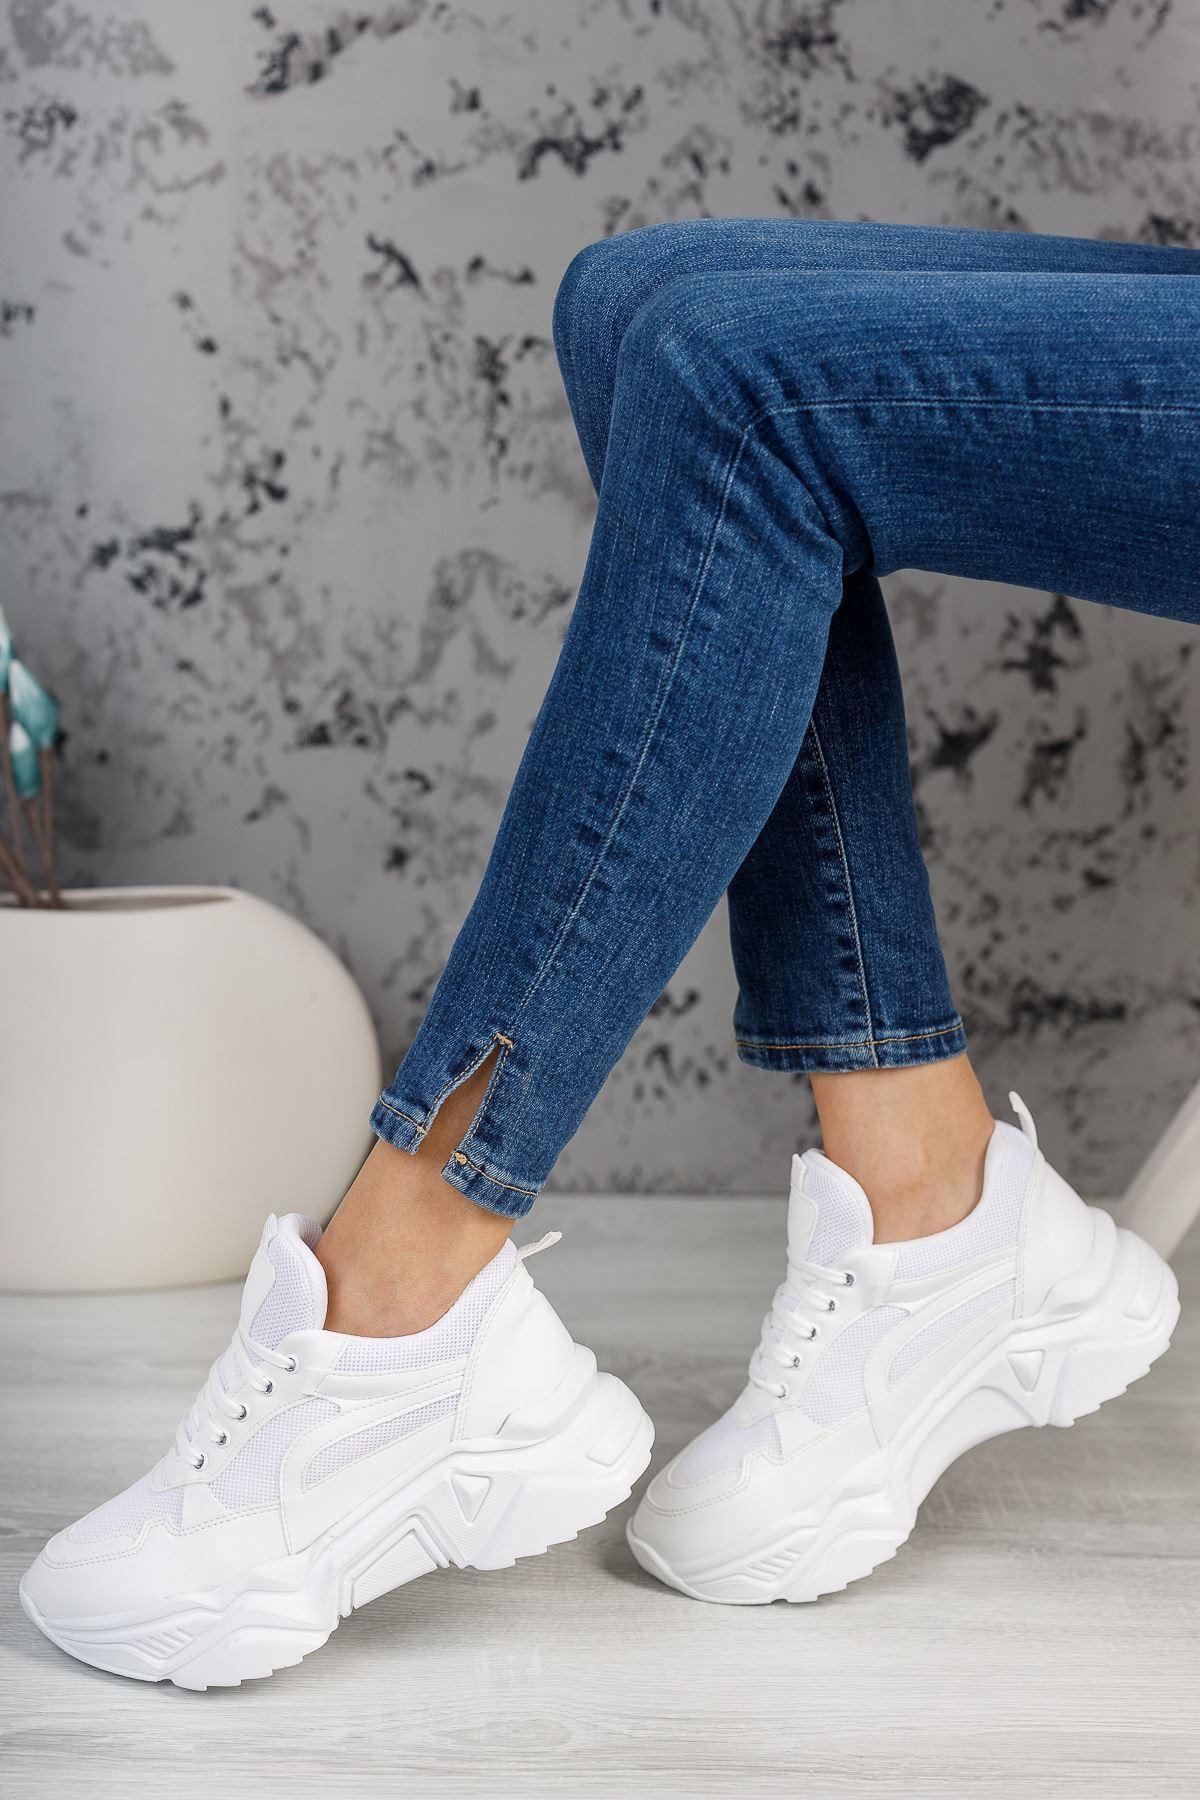 Lenimol Beyaz Mat Deri Bağcıklı Kadın Spor Ayakkabı